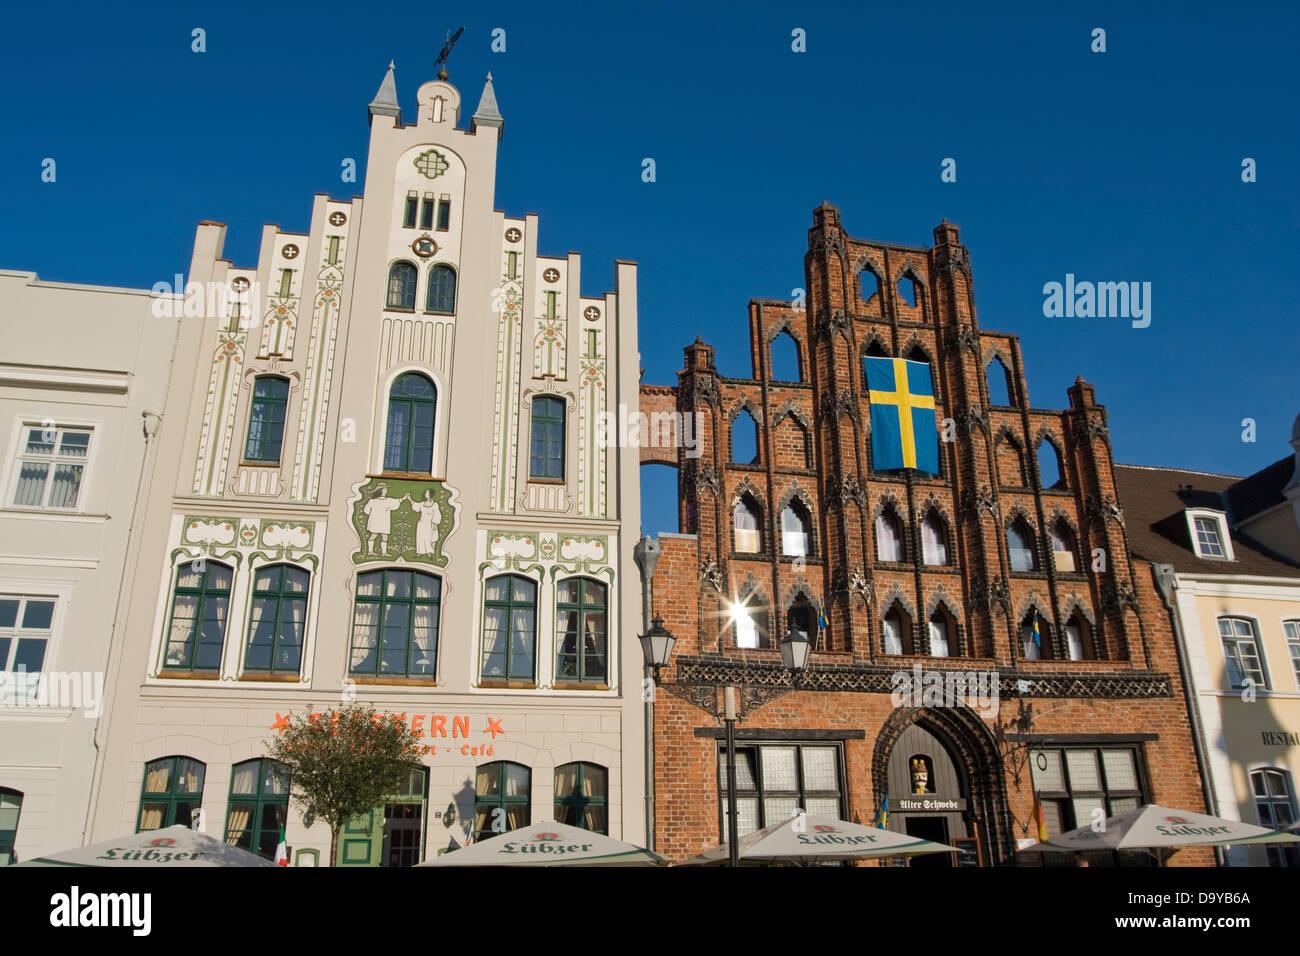 Europa, Deutschland, Mecklenburg-Vorpommern,historic old town - Stock Image